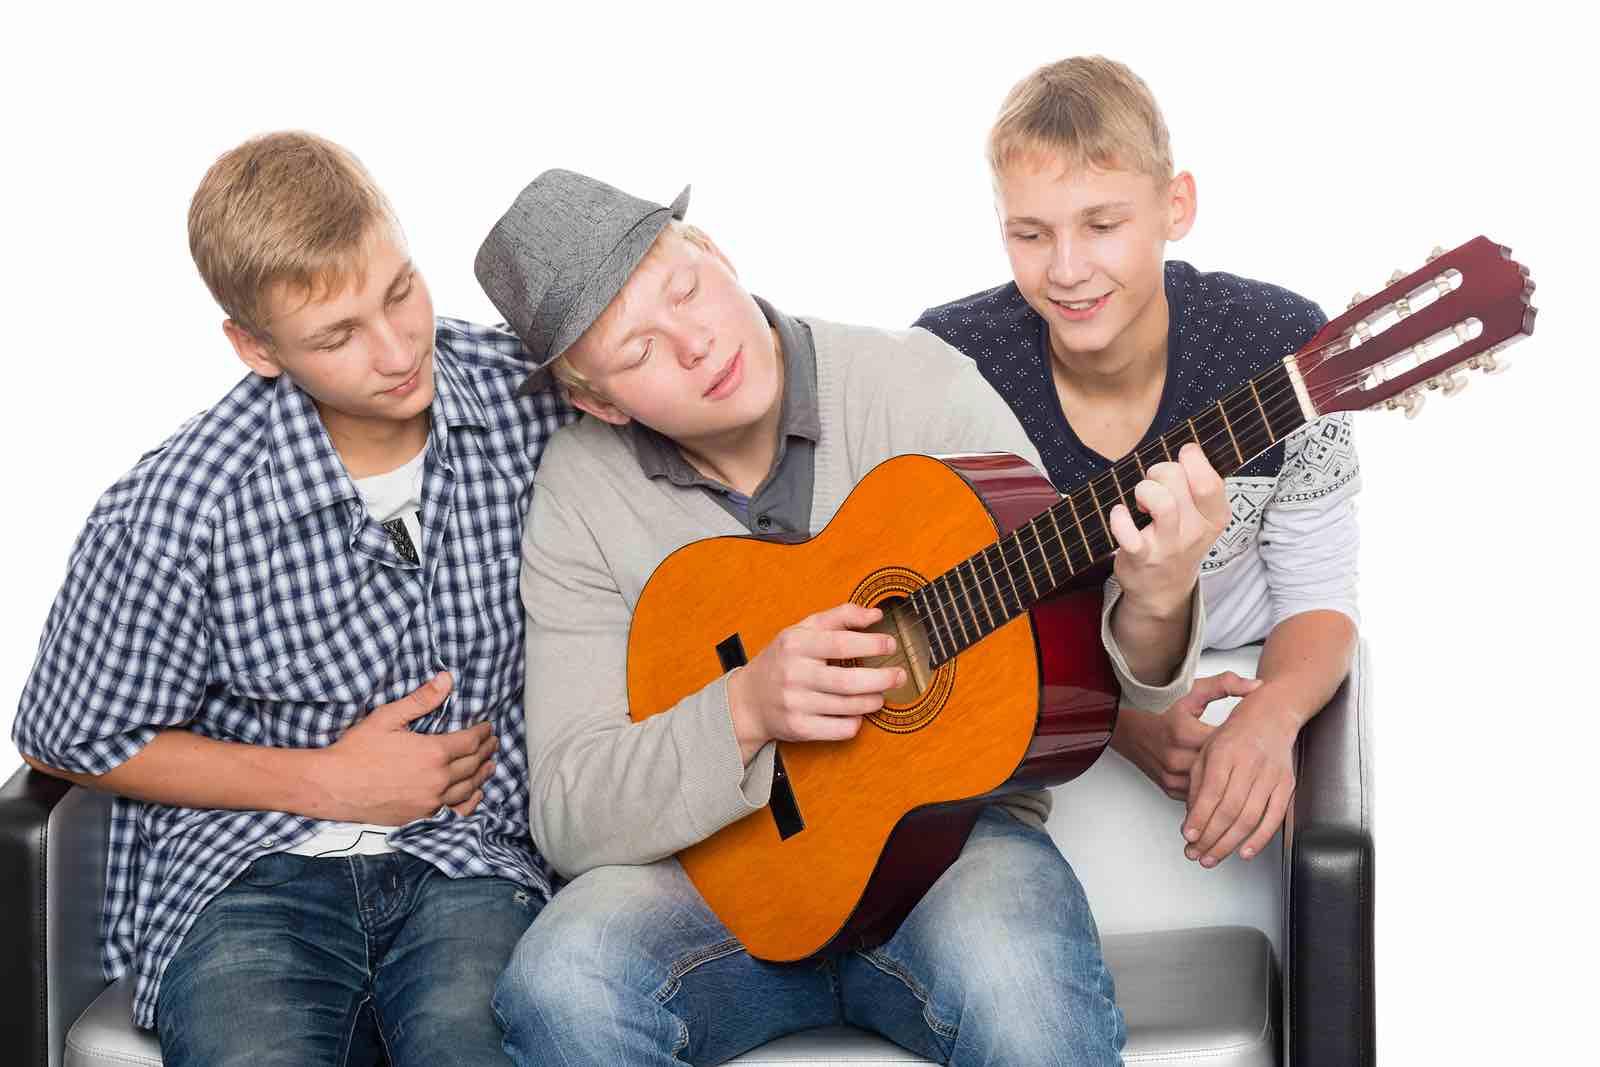 Tre gutter spiller gitar og synger